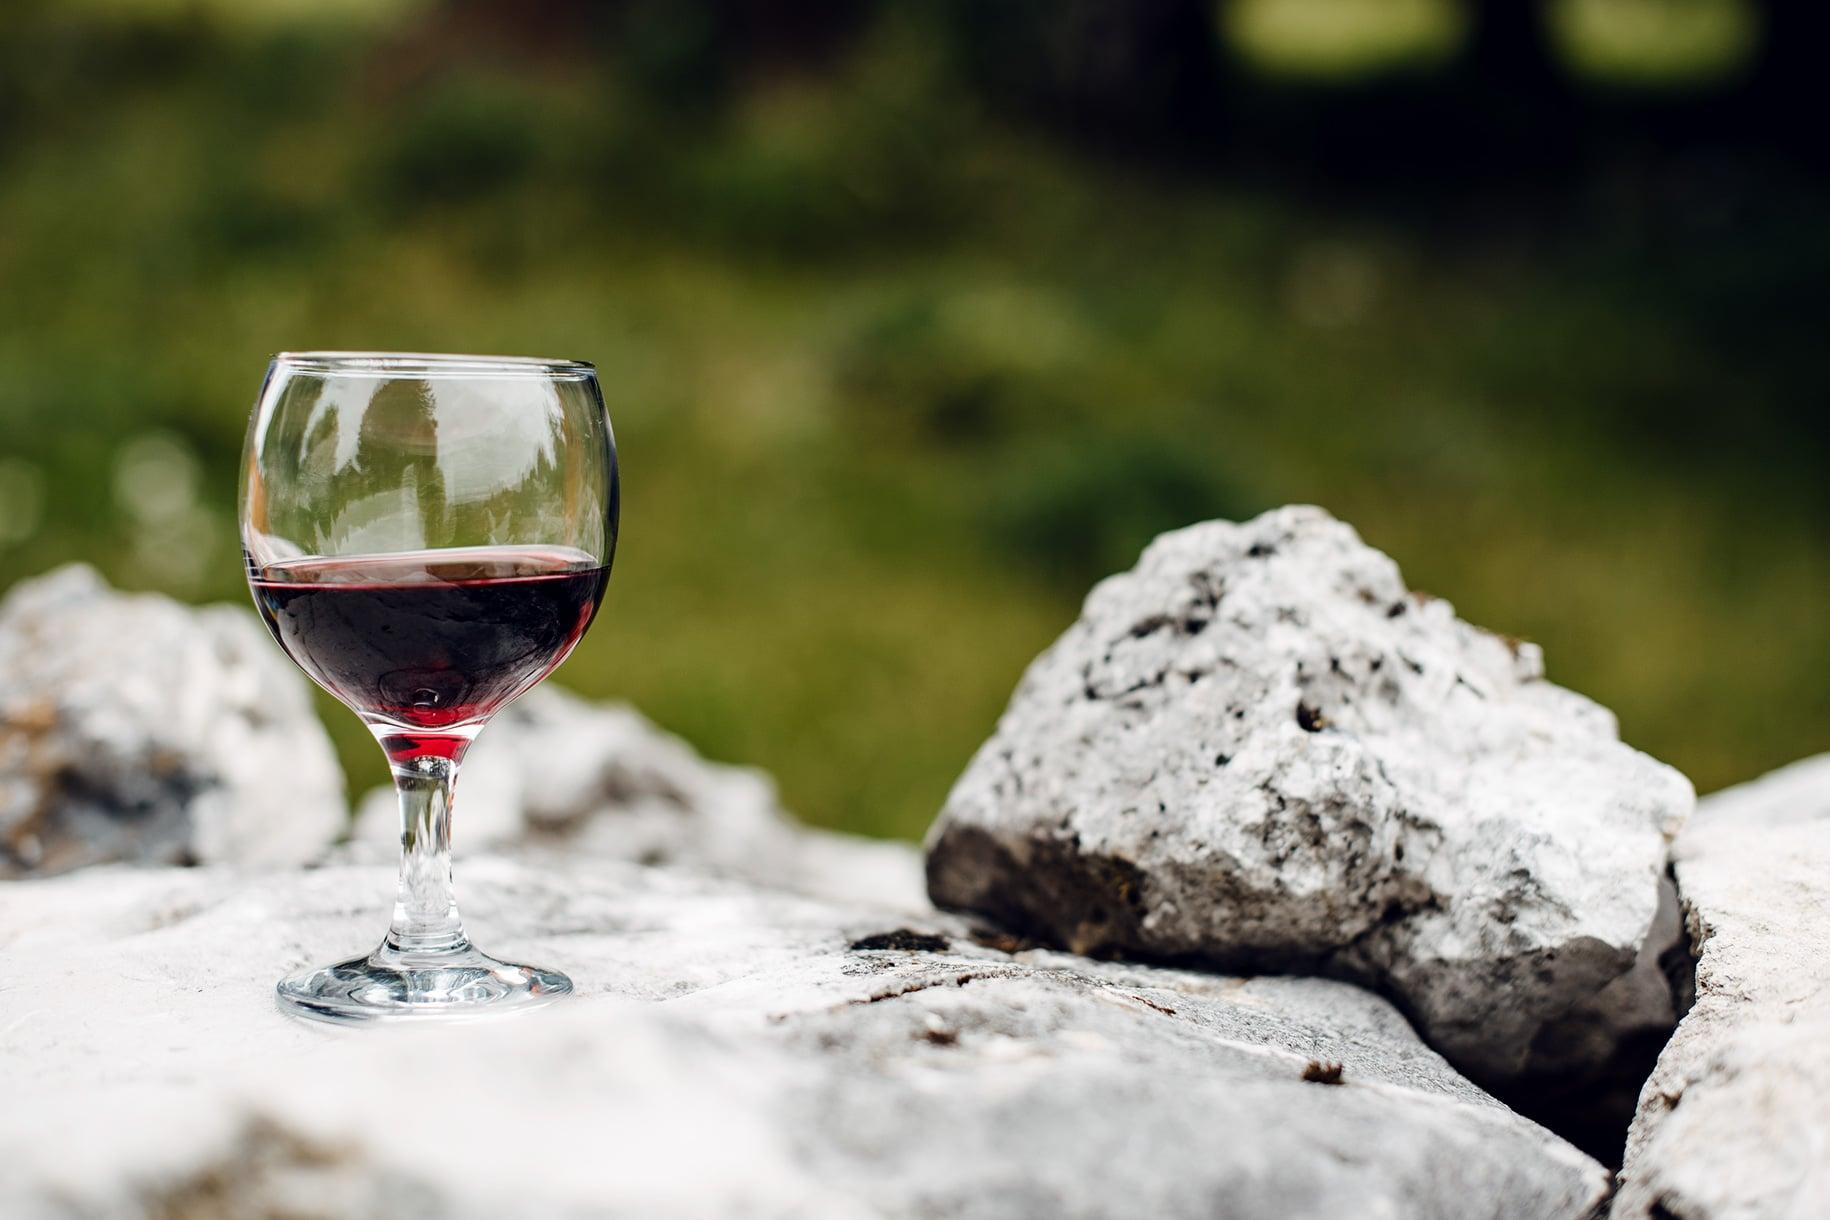 Verre de vin rouge posé sur un muret en pierres